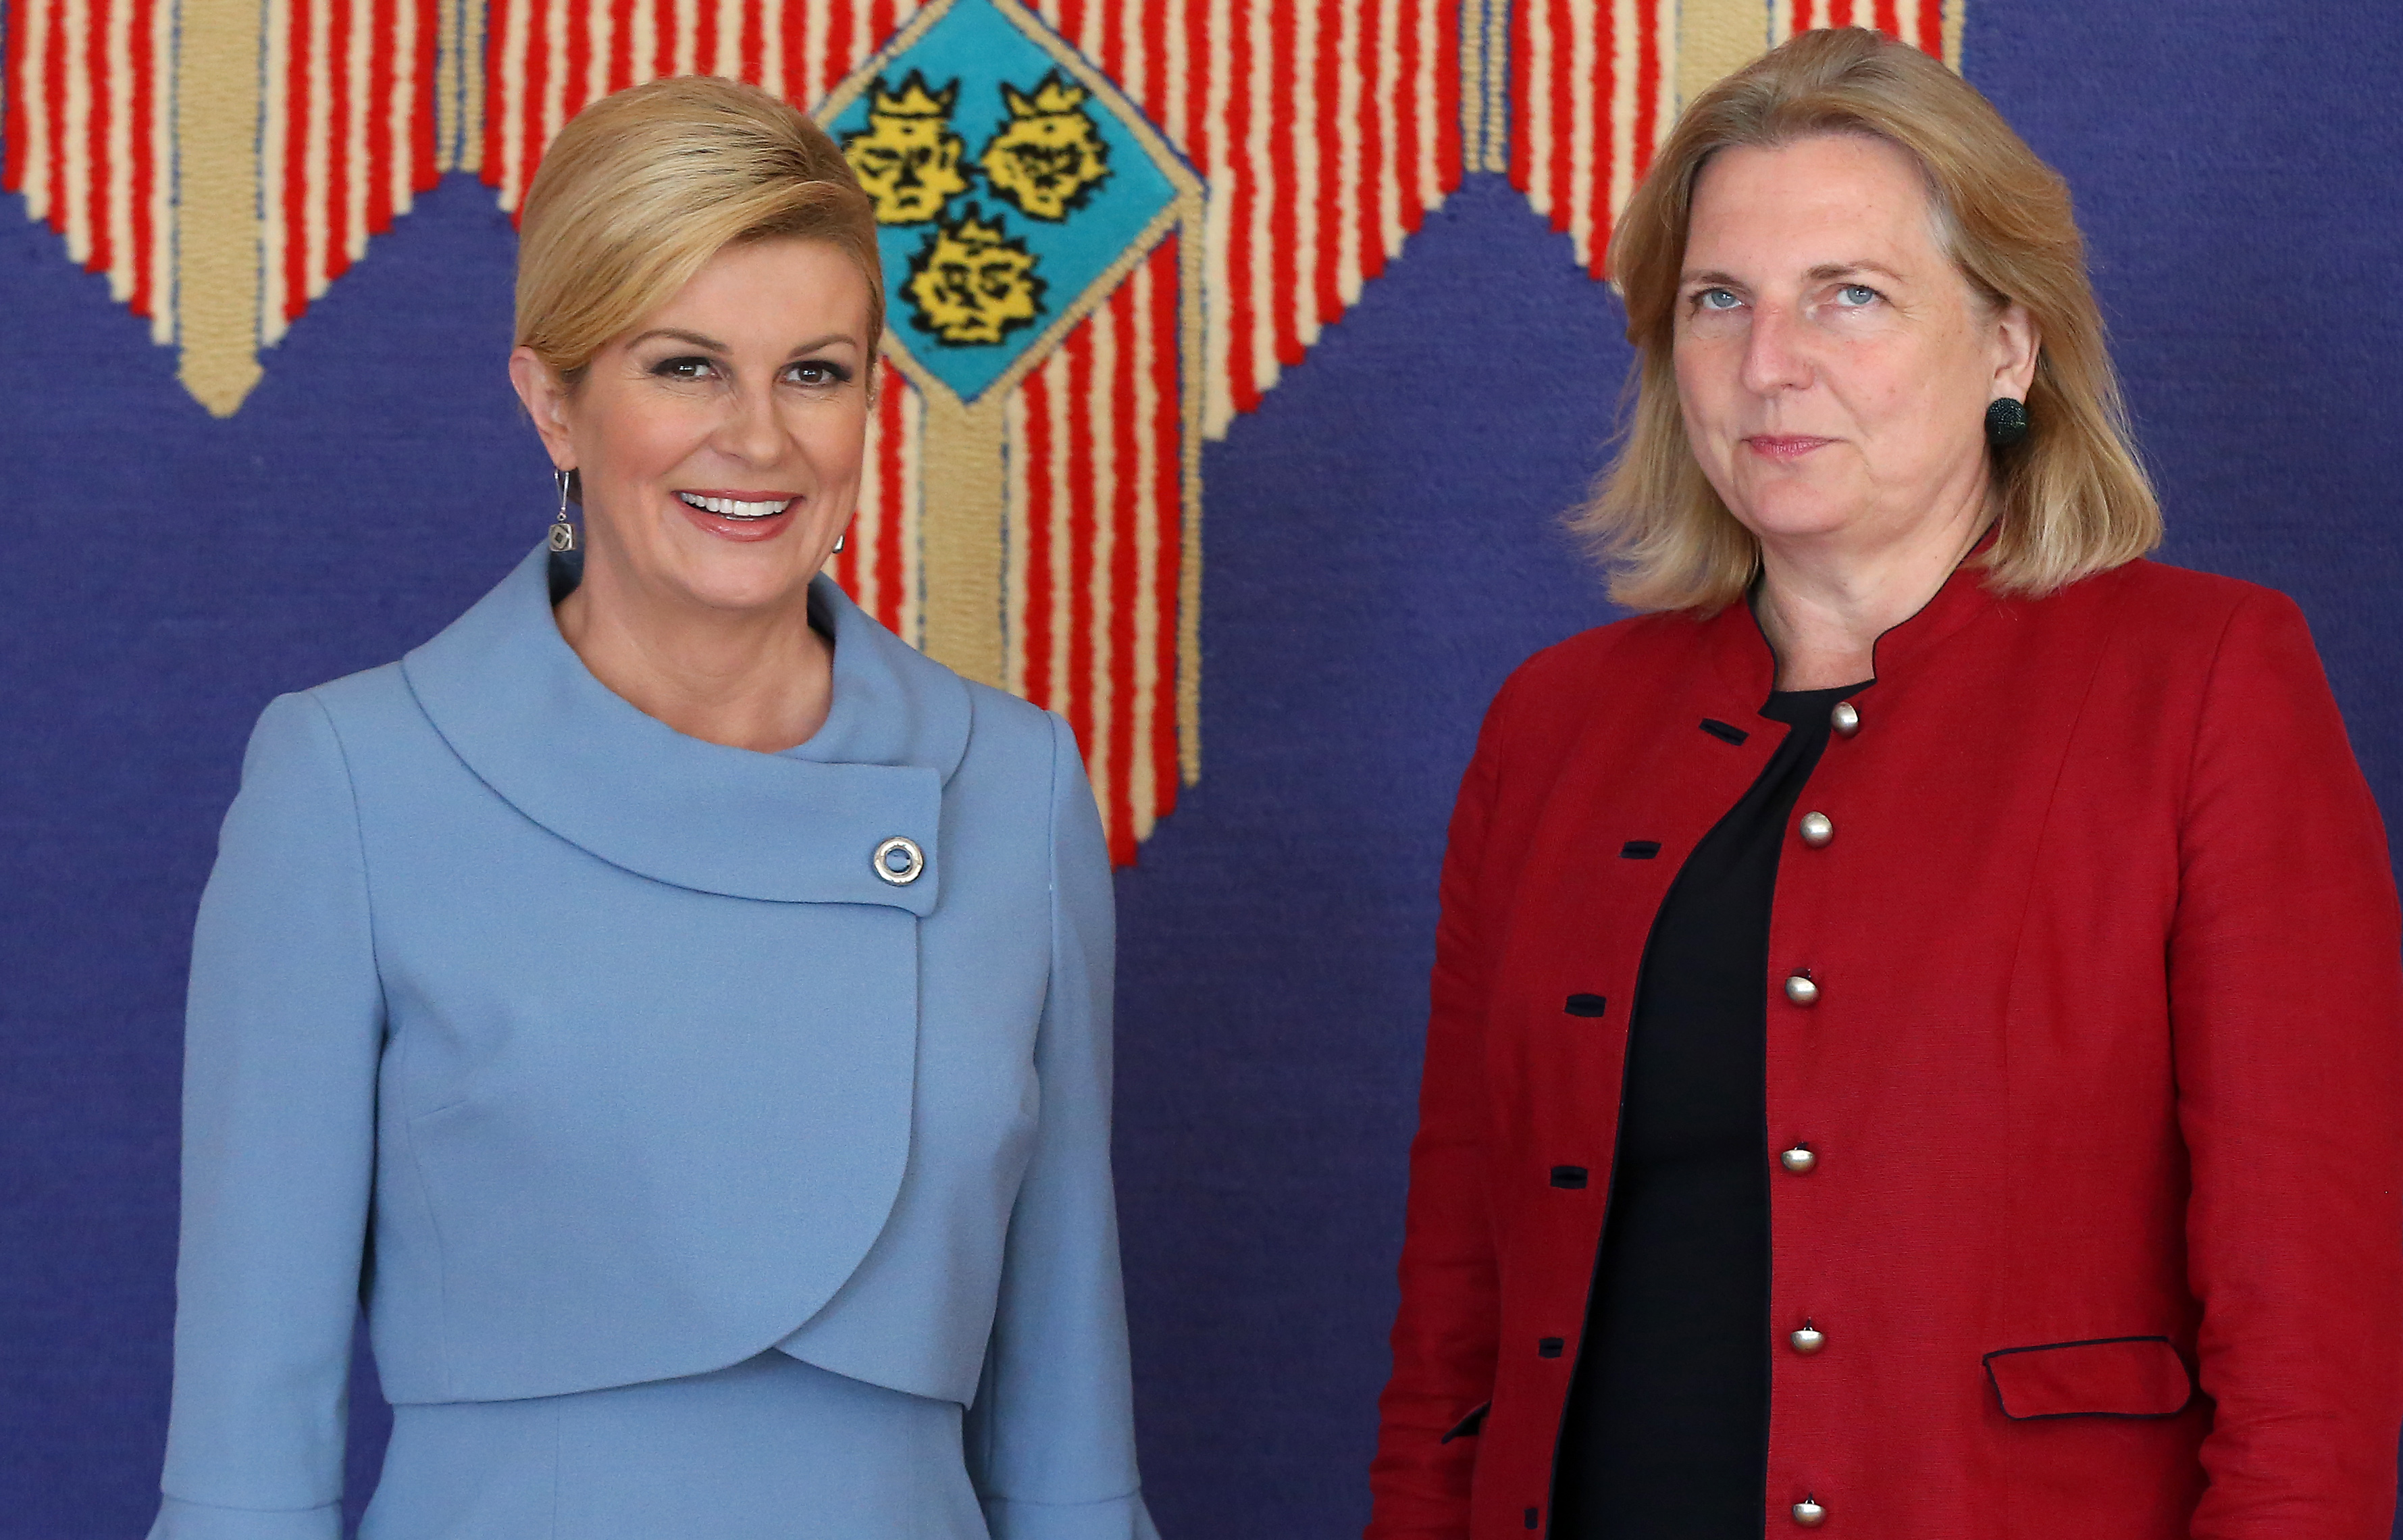 Predsjednica se sastala s austrijskom ministricom Kneissl